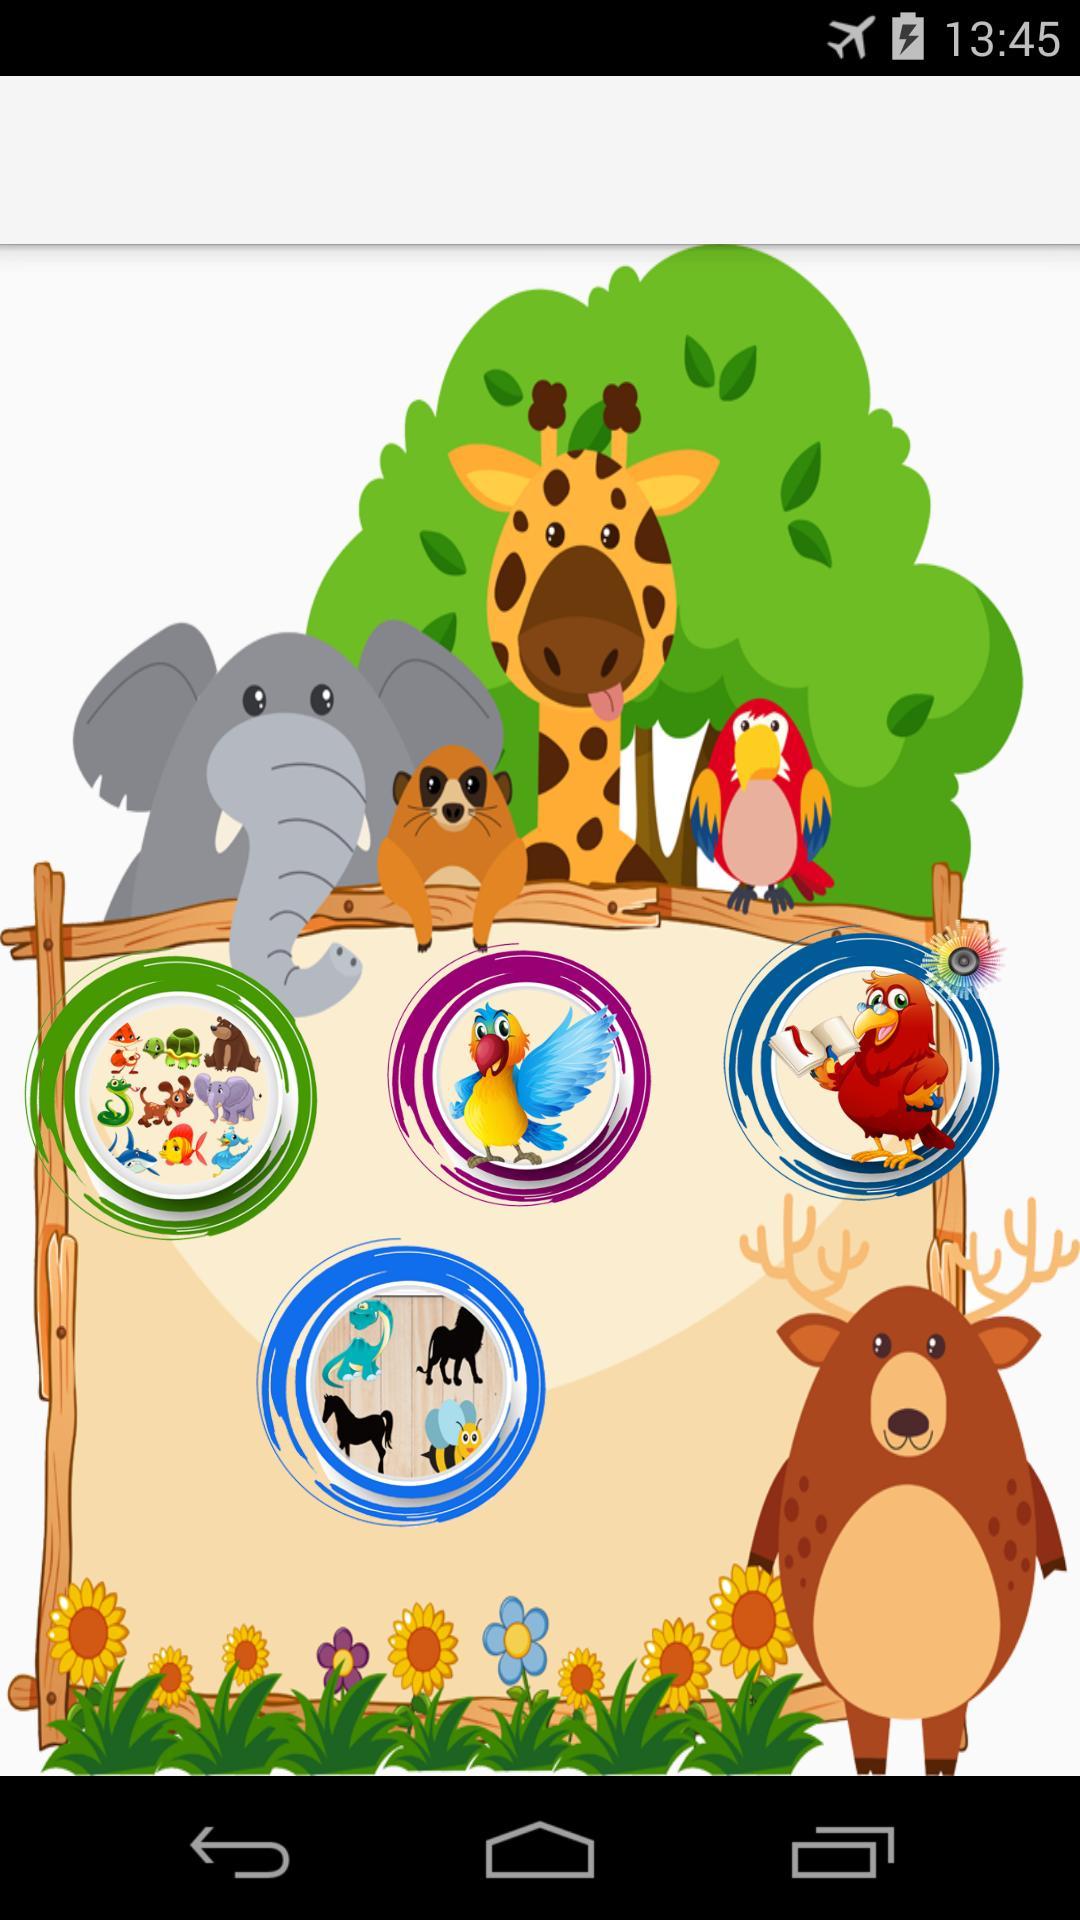 3-4 Ans Jeu Mental Éducatif Pour Enfants Pour Android serapportantà Jeux Educatif 4 Ans